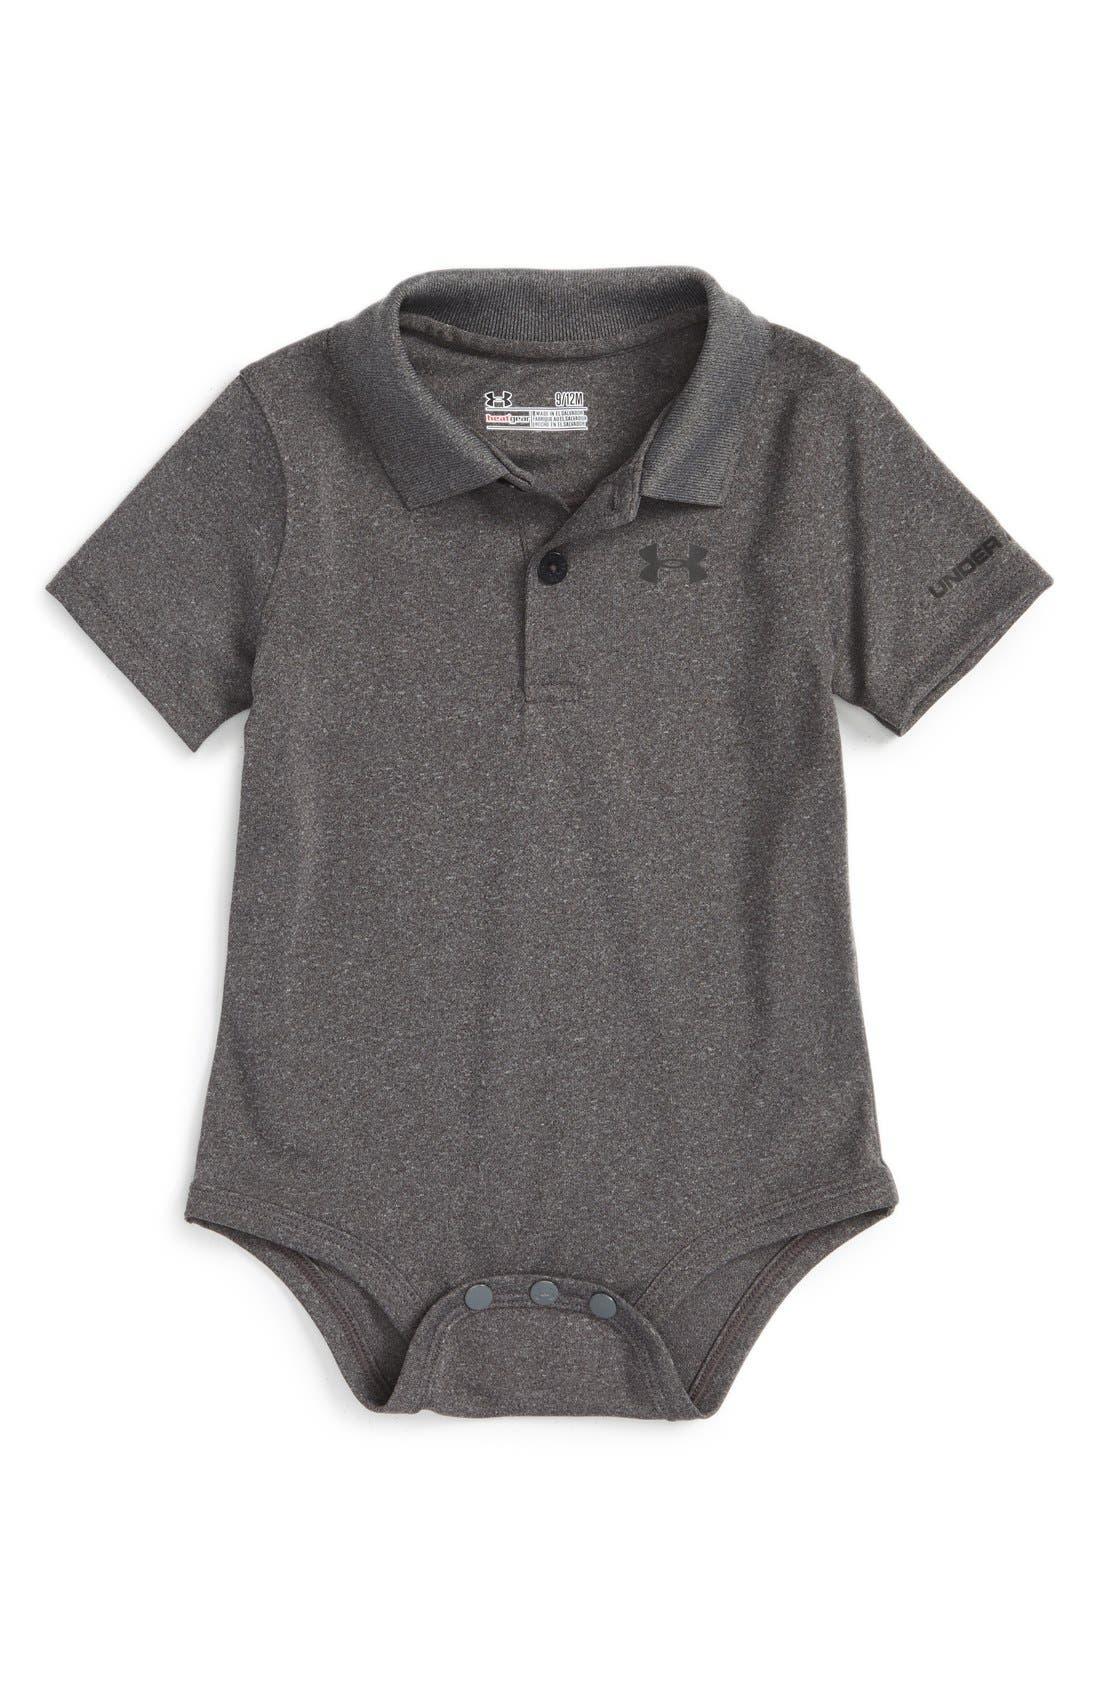 Main Image - Under Armour HeatGear® Polo Bodysuit (Baby Boys)